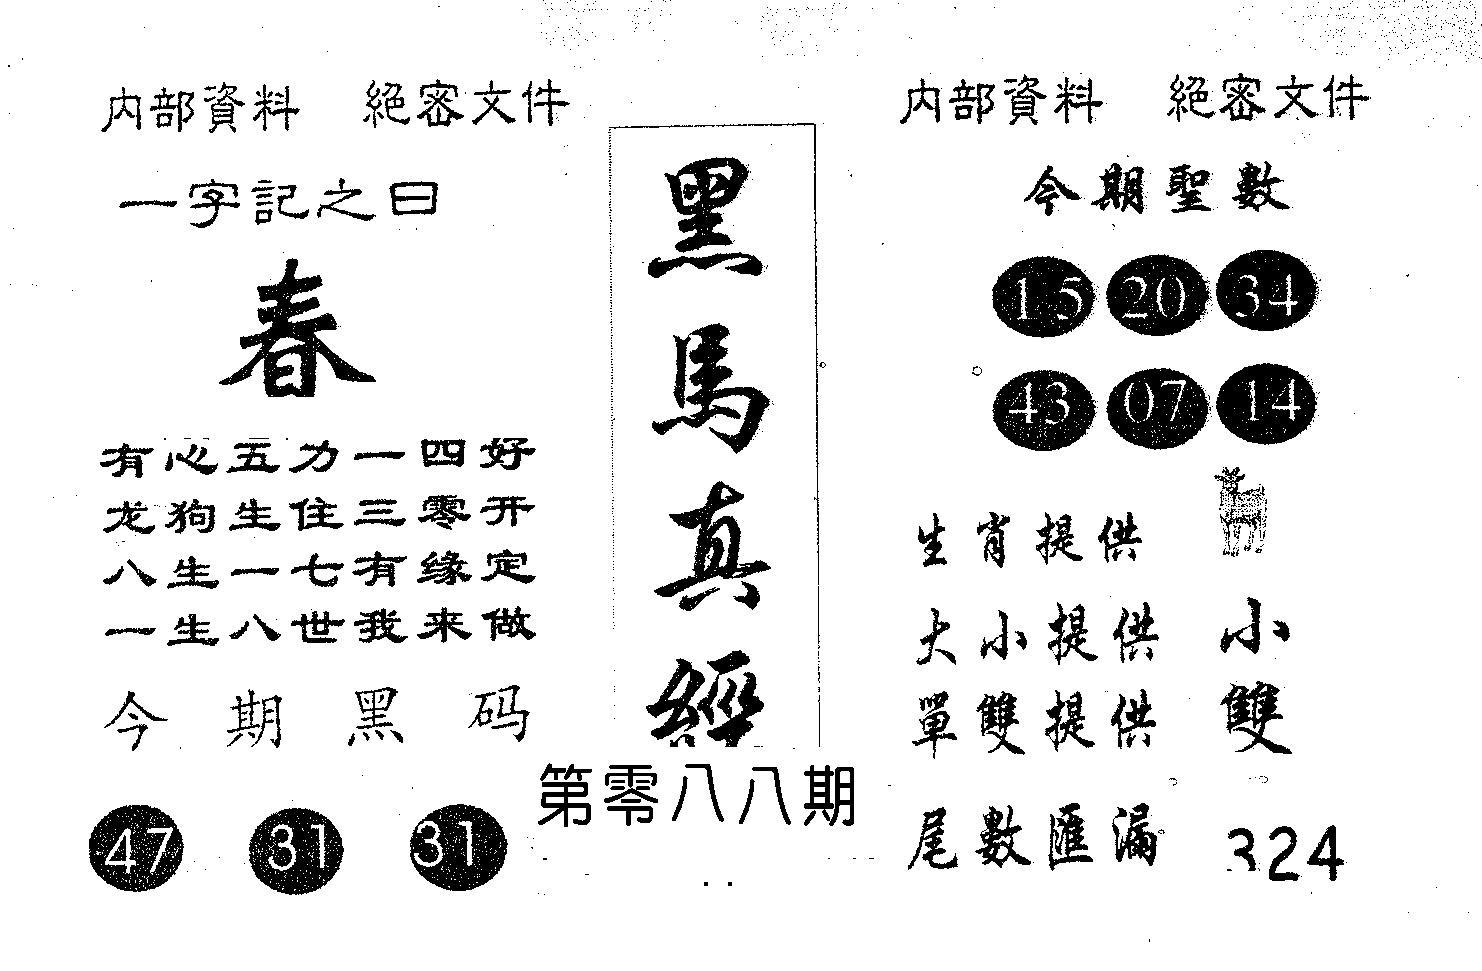 088期黑马真经(黑白)